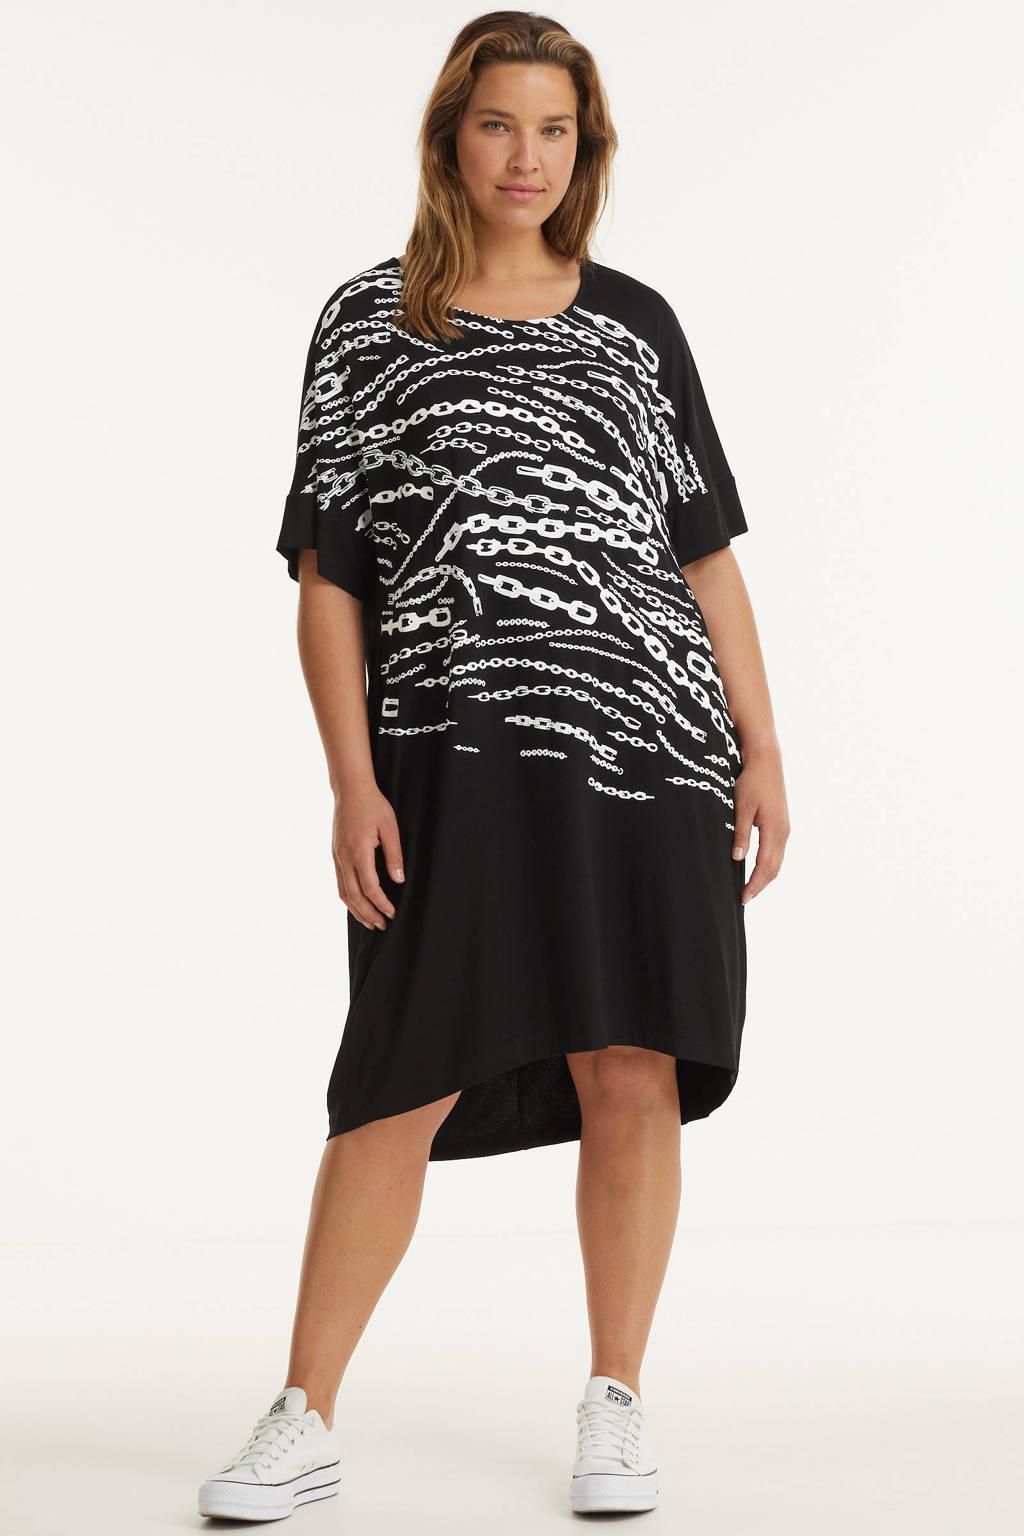 Mat Fashion jurk met printopdruk zwart/wit, Zwart/wit